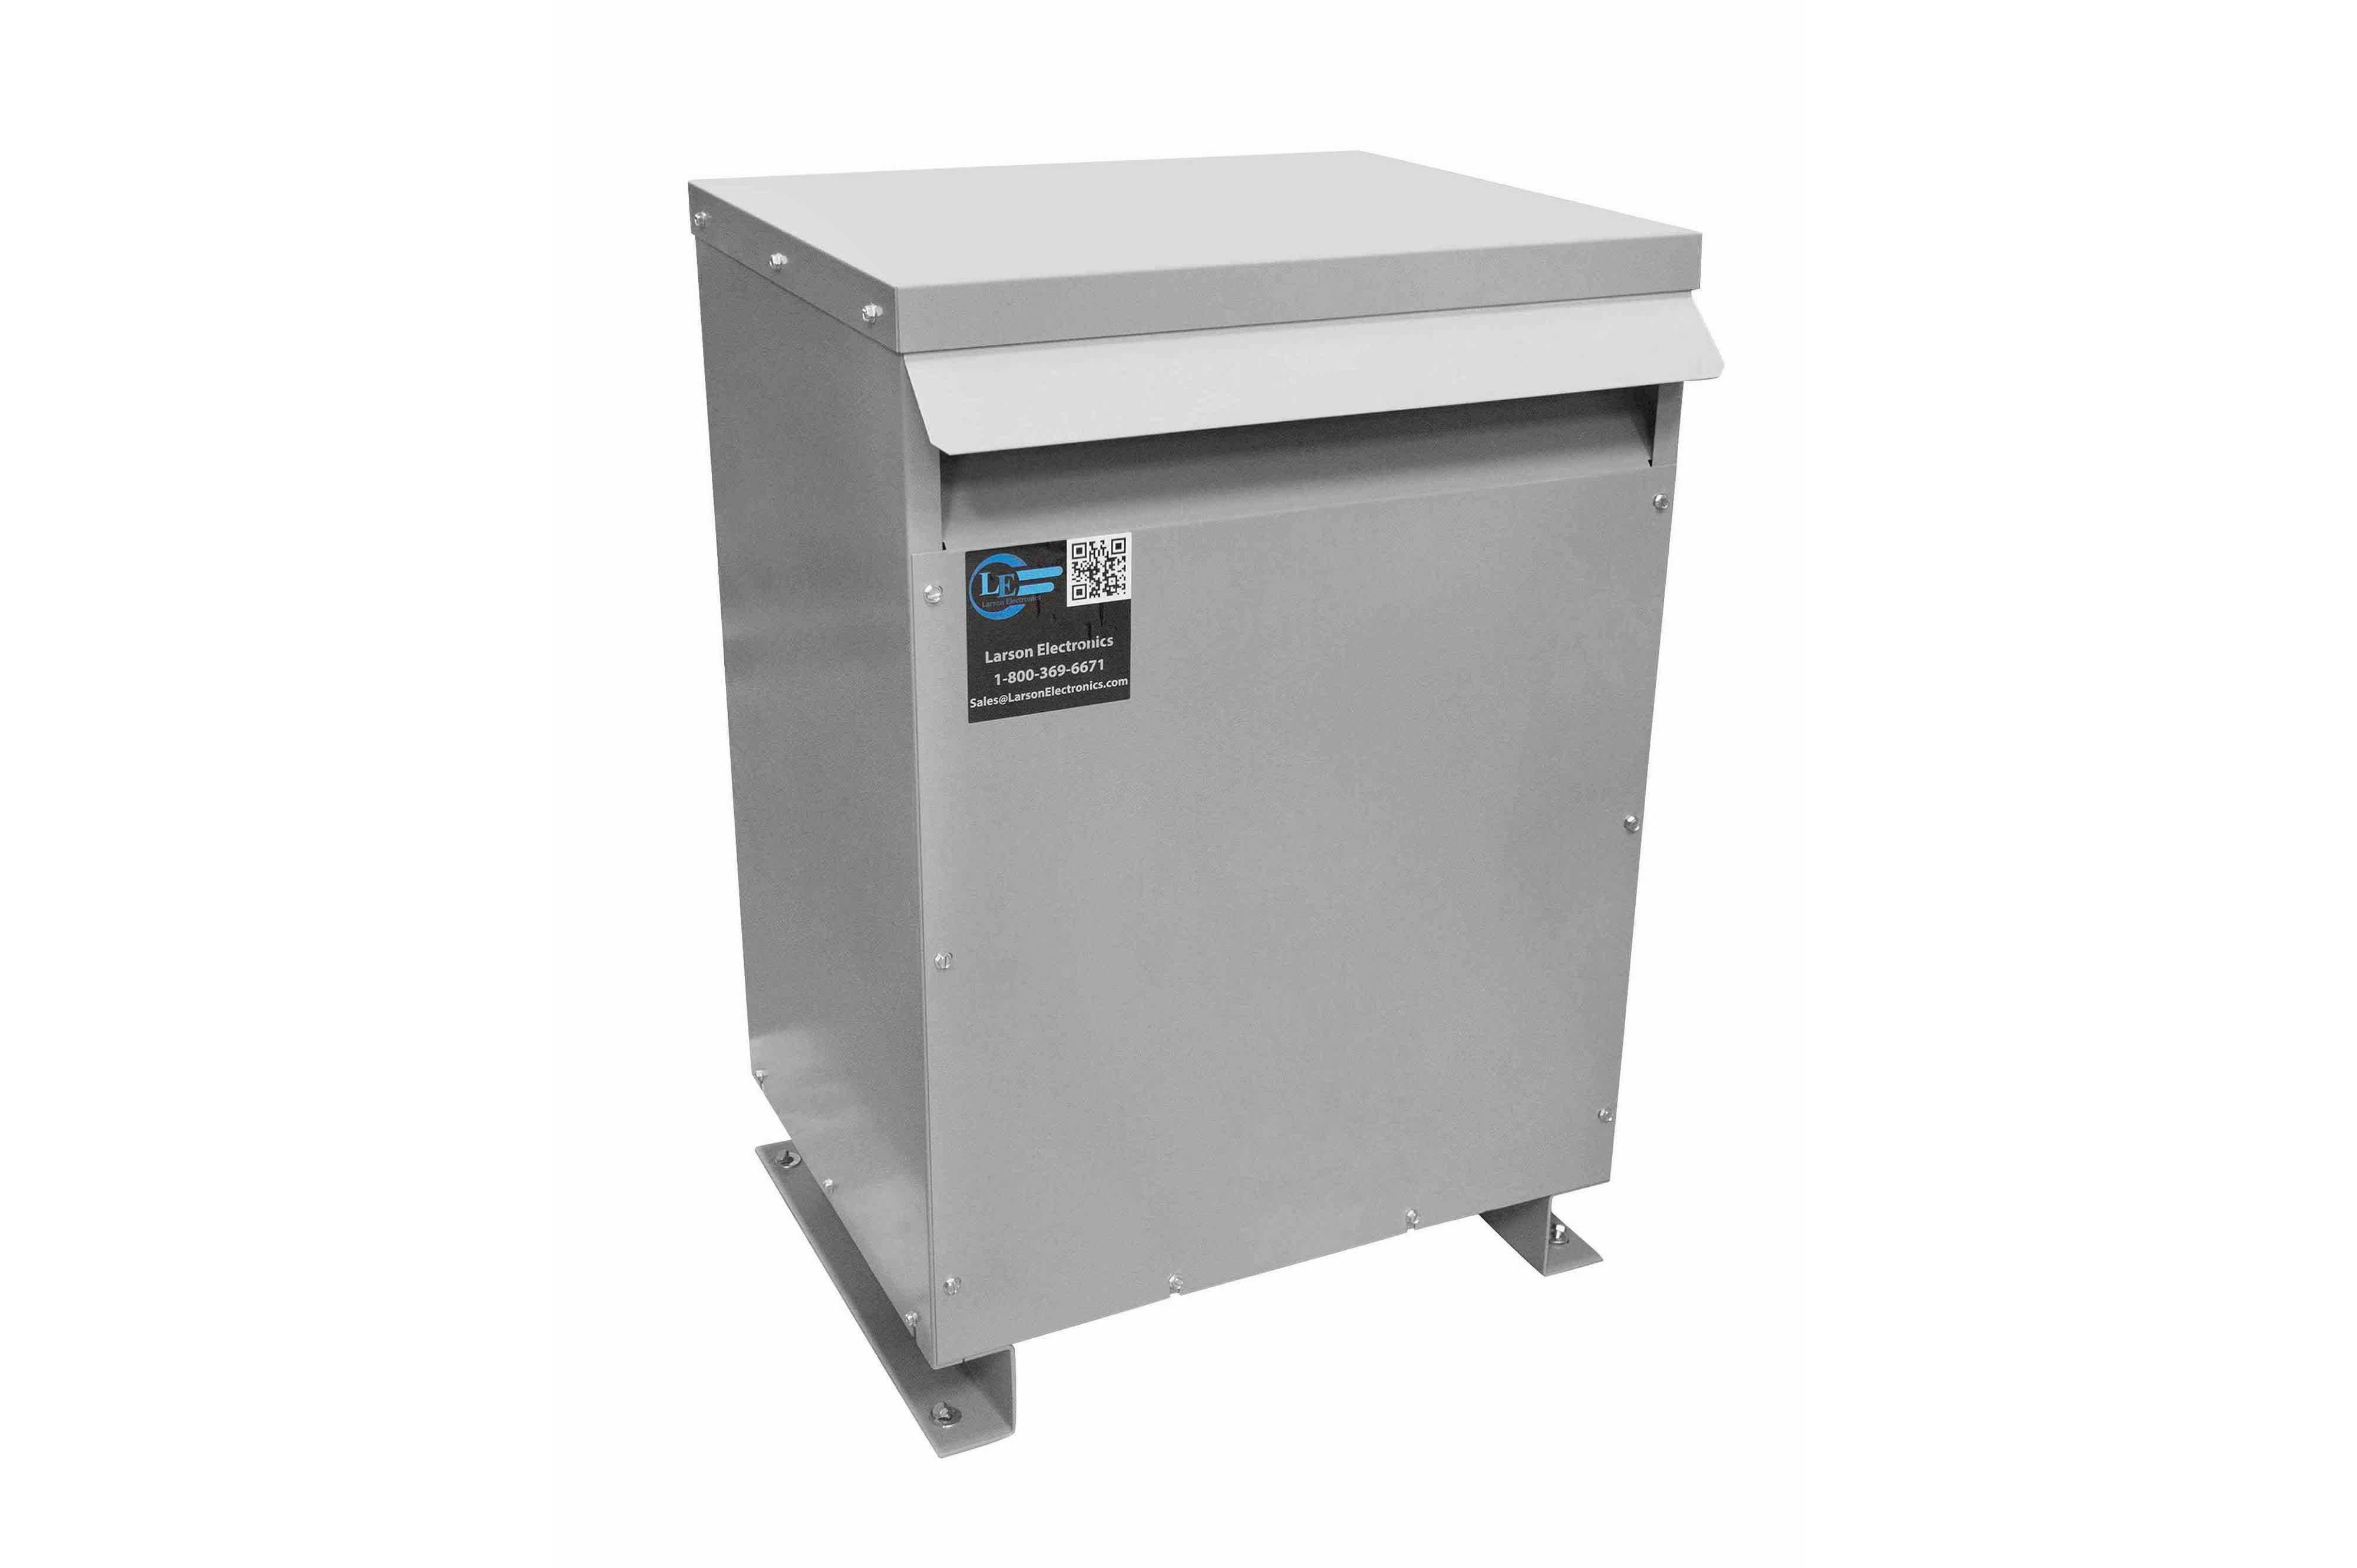 250 kVA 3PH Isolation Transformer, 440V Delta Primary, 208V Delta Secondary, N3R, Ventilated, 60 Hz